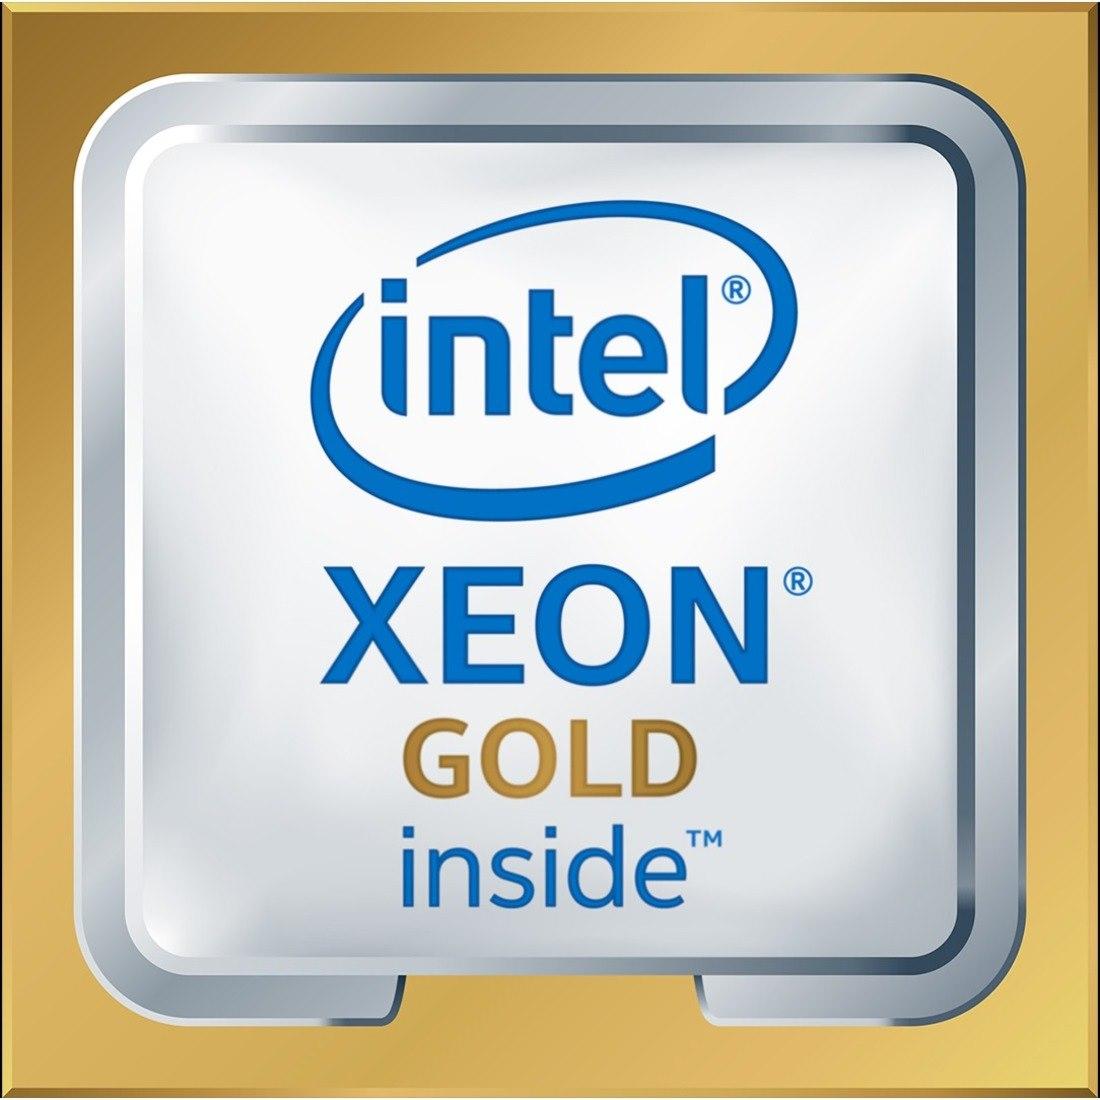 Cisco Intel Xeon Gold 6144 Octa-core (8 Core) 3.50 GHz Processor Upgrade